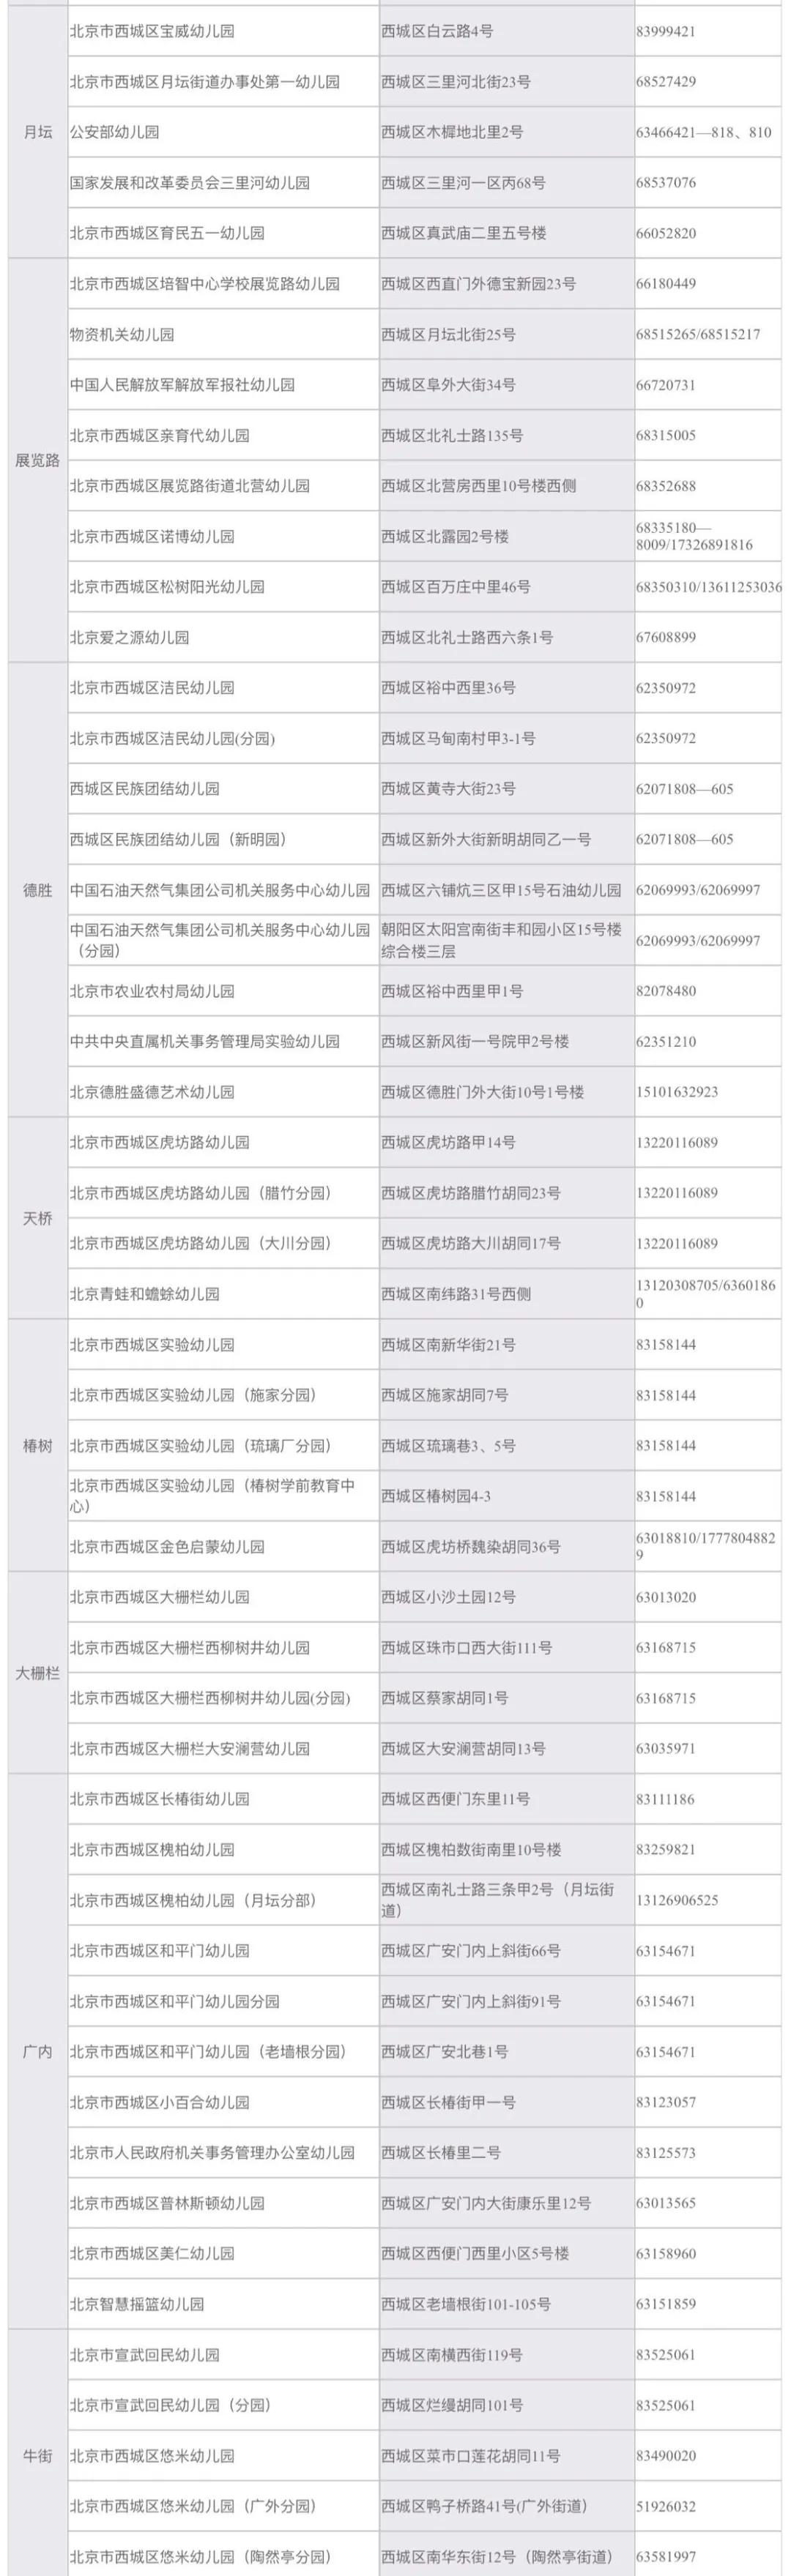 北京西城:幼儿园适龄儿童不能到幼儿园审核材料 可致电咨询图片